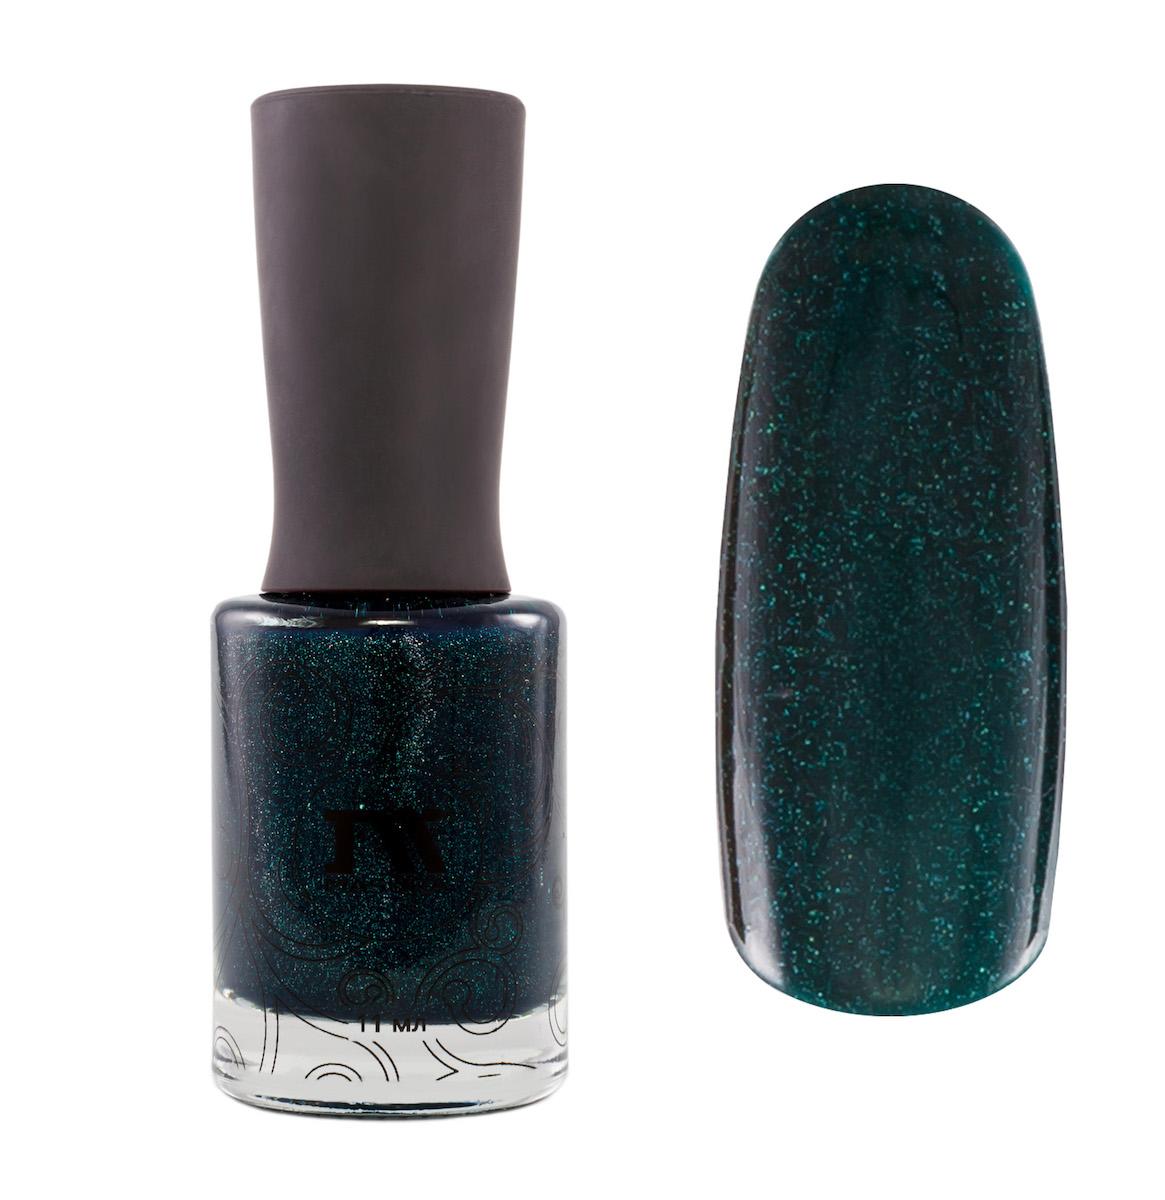 Masura Лак для ногтей Поменьше бы Понедельников, 11 мл1022темно-зеленый с изумрудным подтоном, с явным голографическим и зеленовато-голубым мерцанием